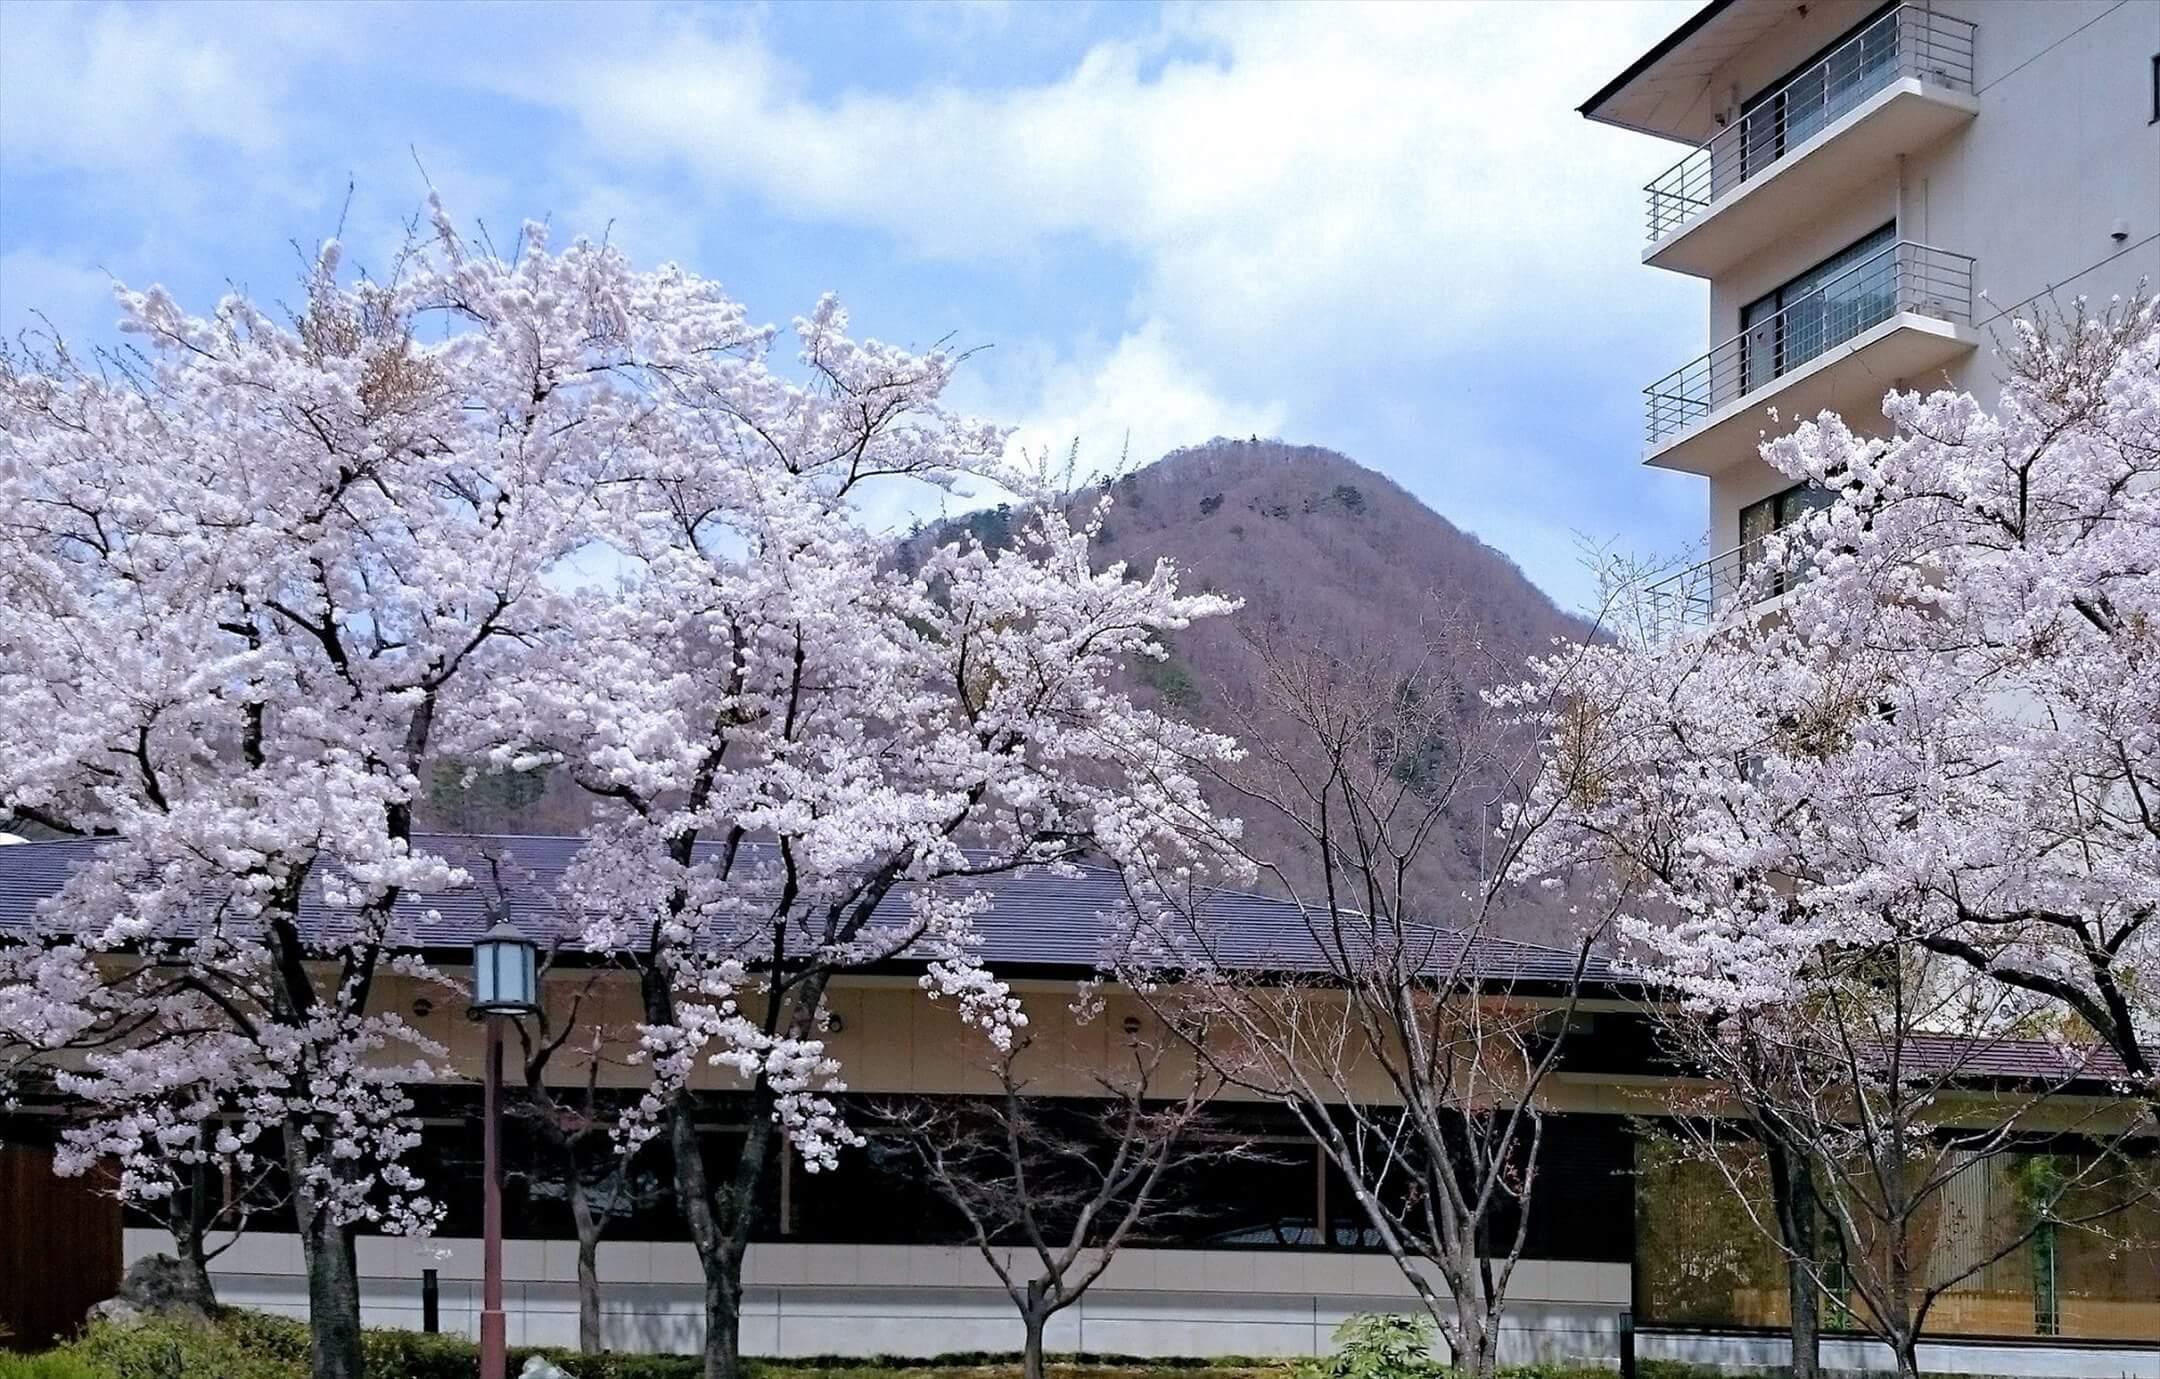 星野リゾート桜_星野集团櫻花_ Hoshino Resorts Sakura